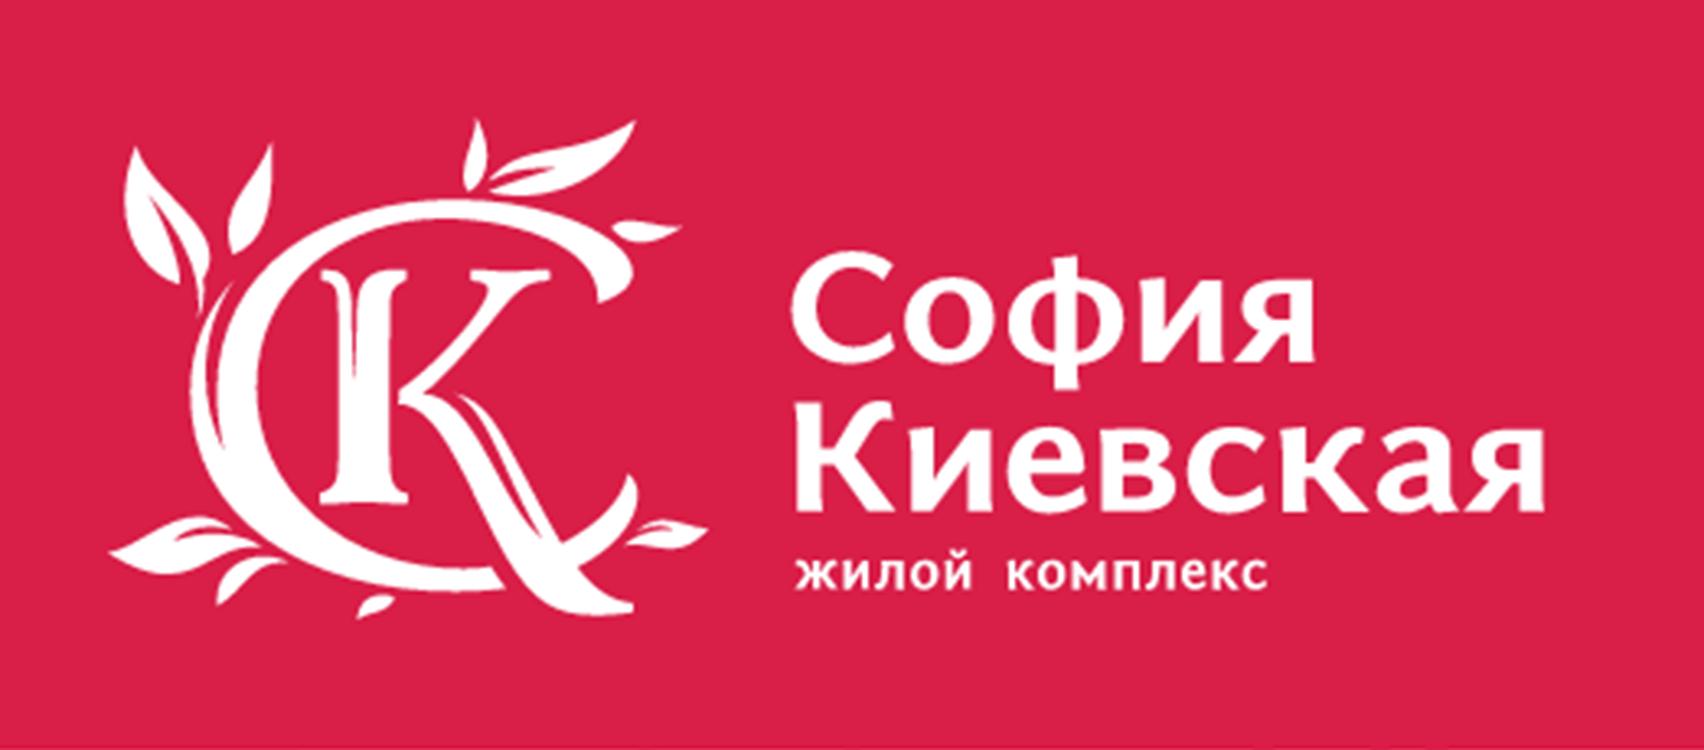 """ТОВ """"ЖЕО""""СОФІЯ КИЇВСЬКА"""" (охорона)"""